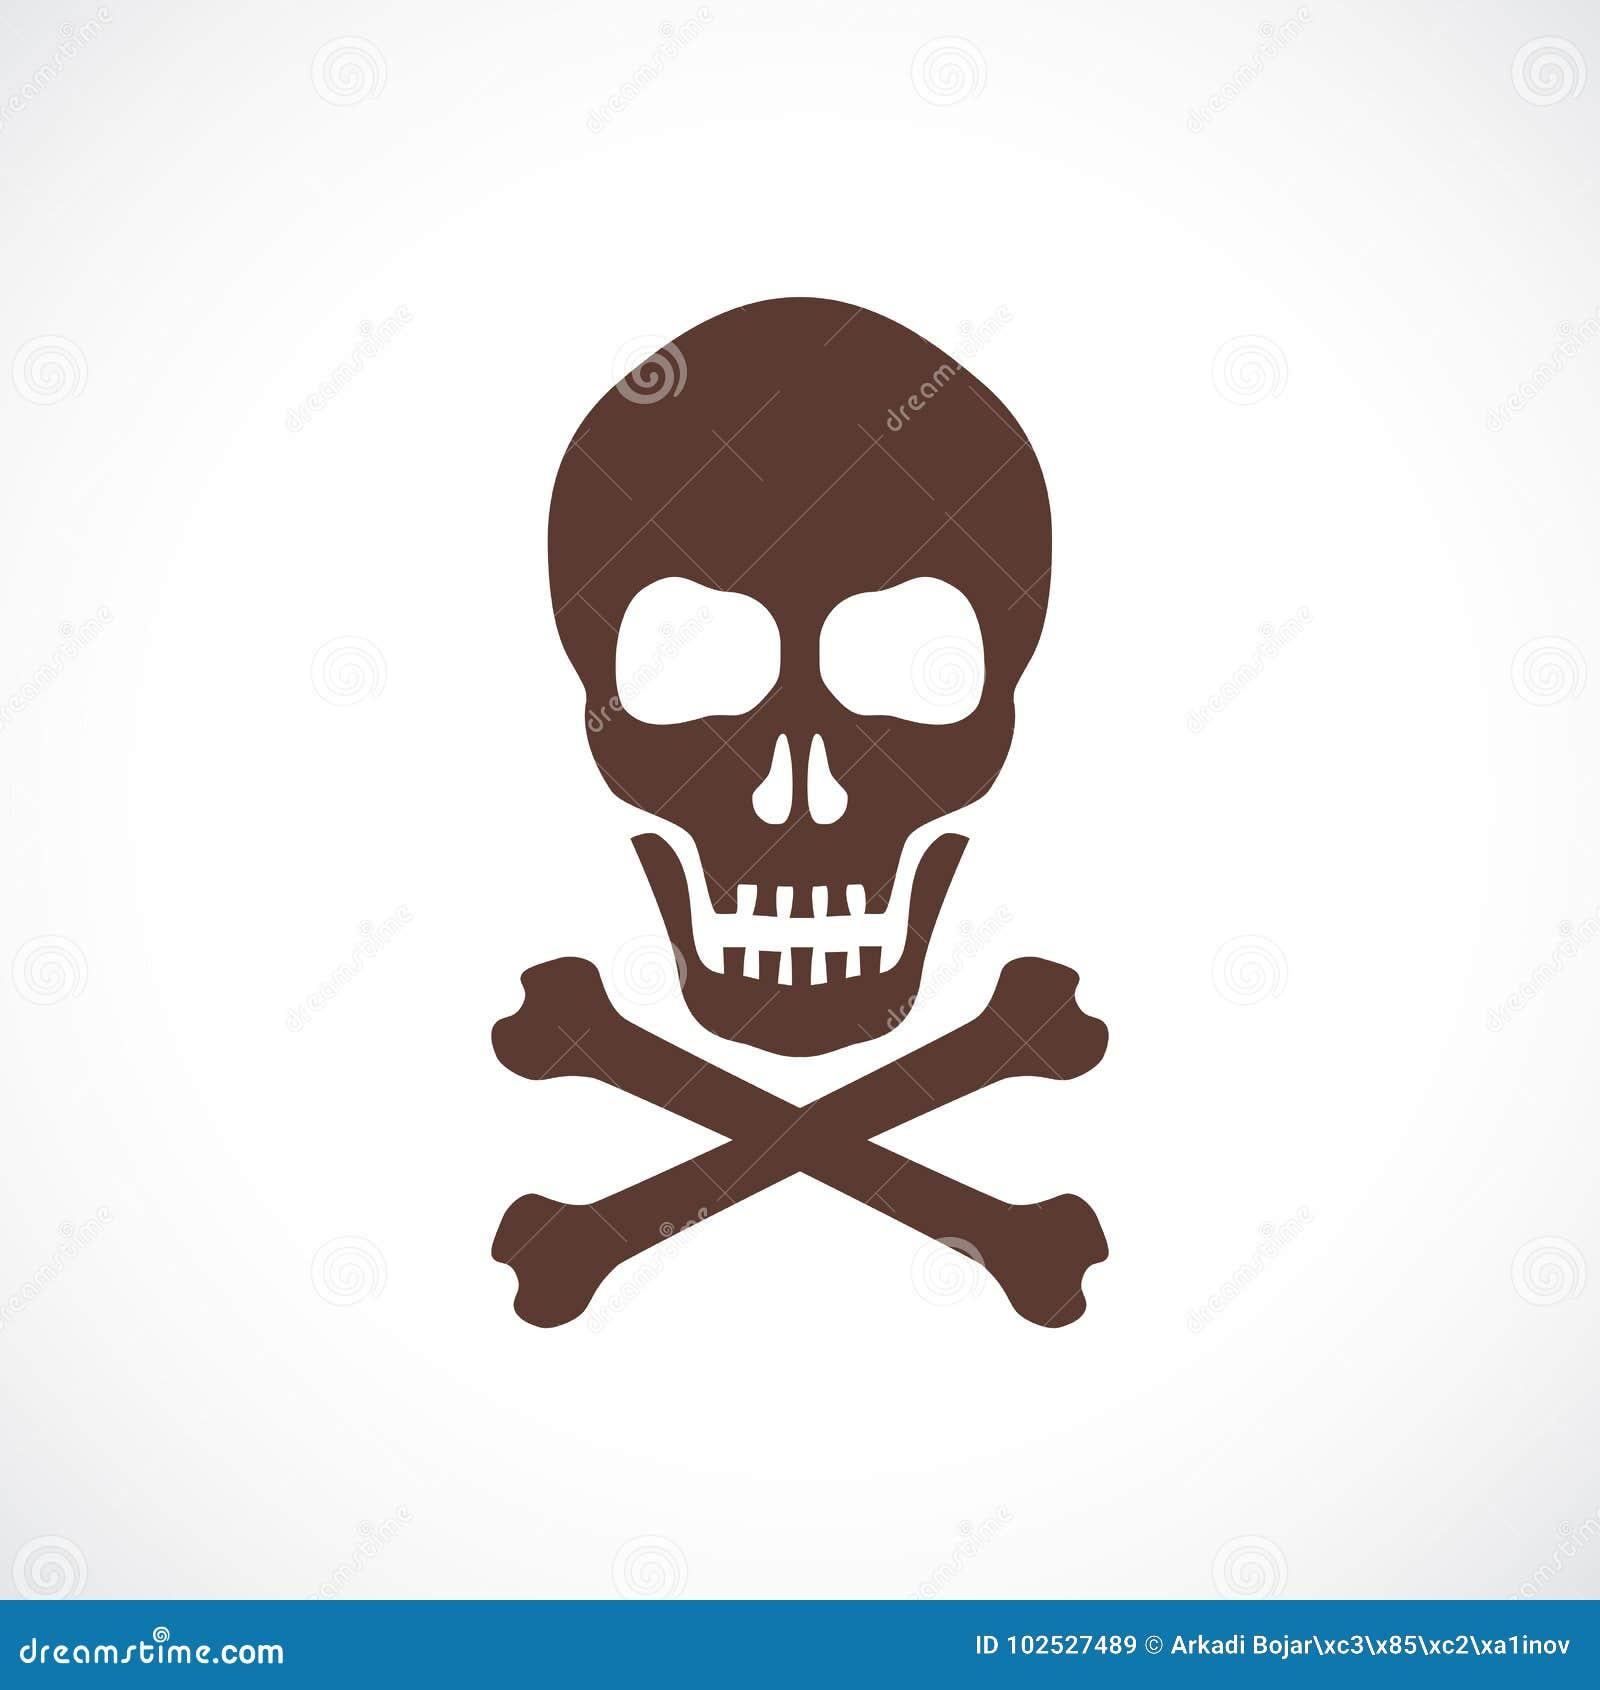 Skull And Bones Vector Symbol Stock Vector Illustration Of Cross